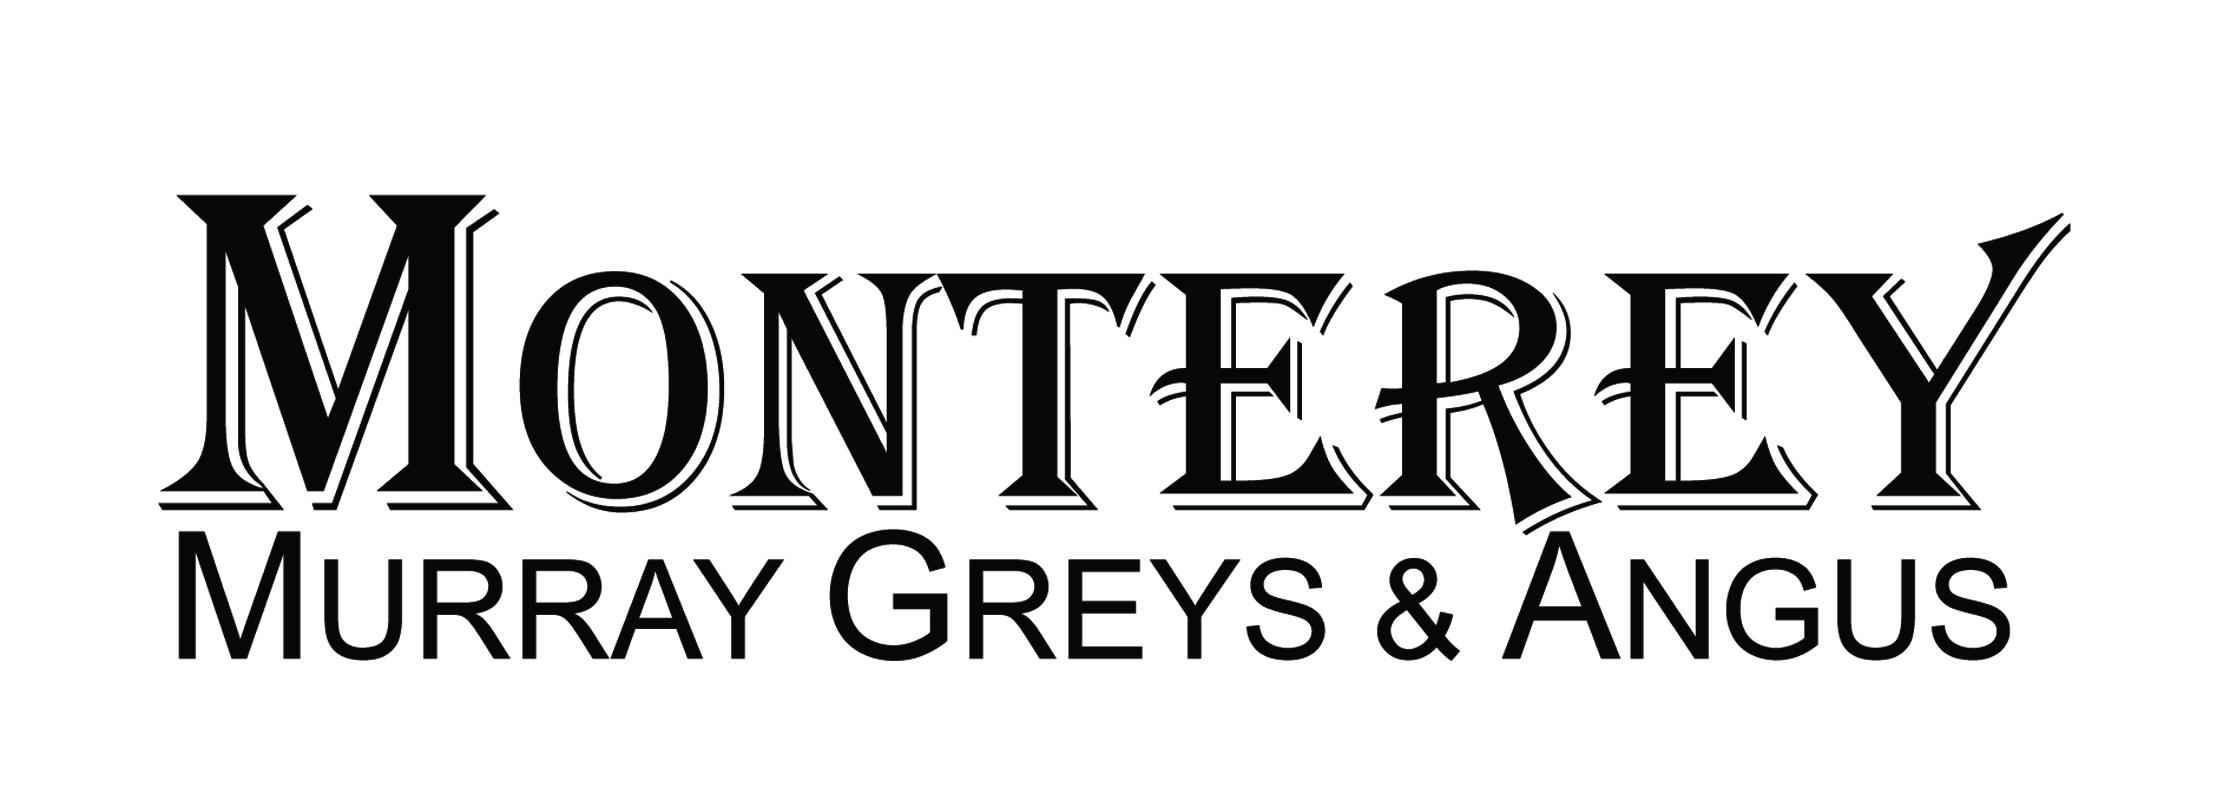 MONTEREY QUOTIENT Q183 (PB)